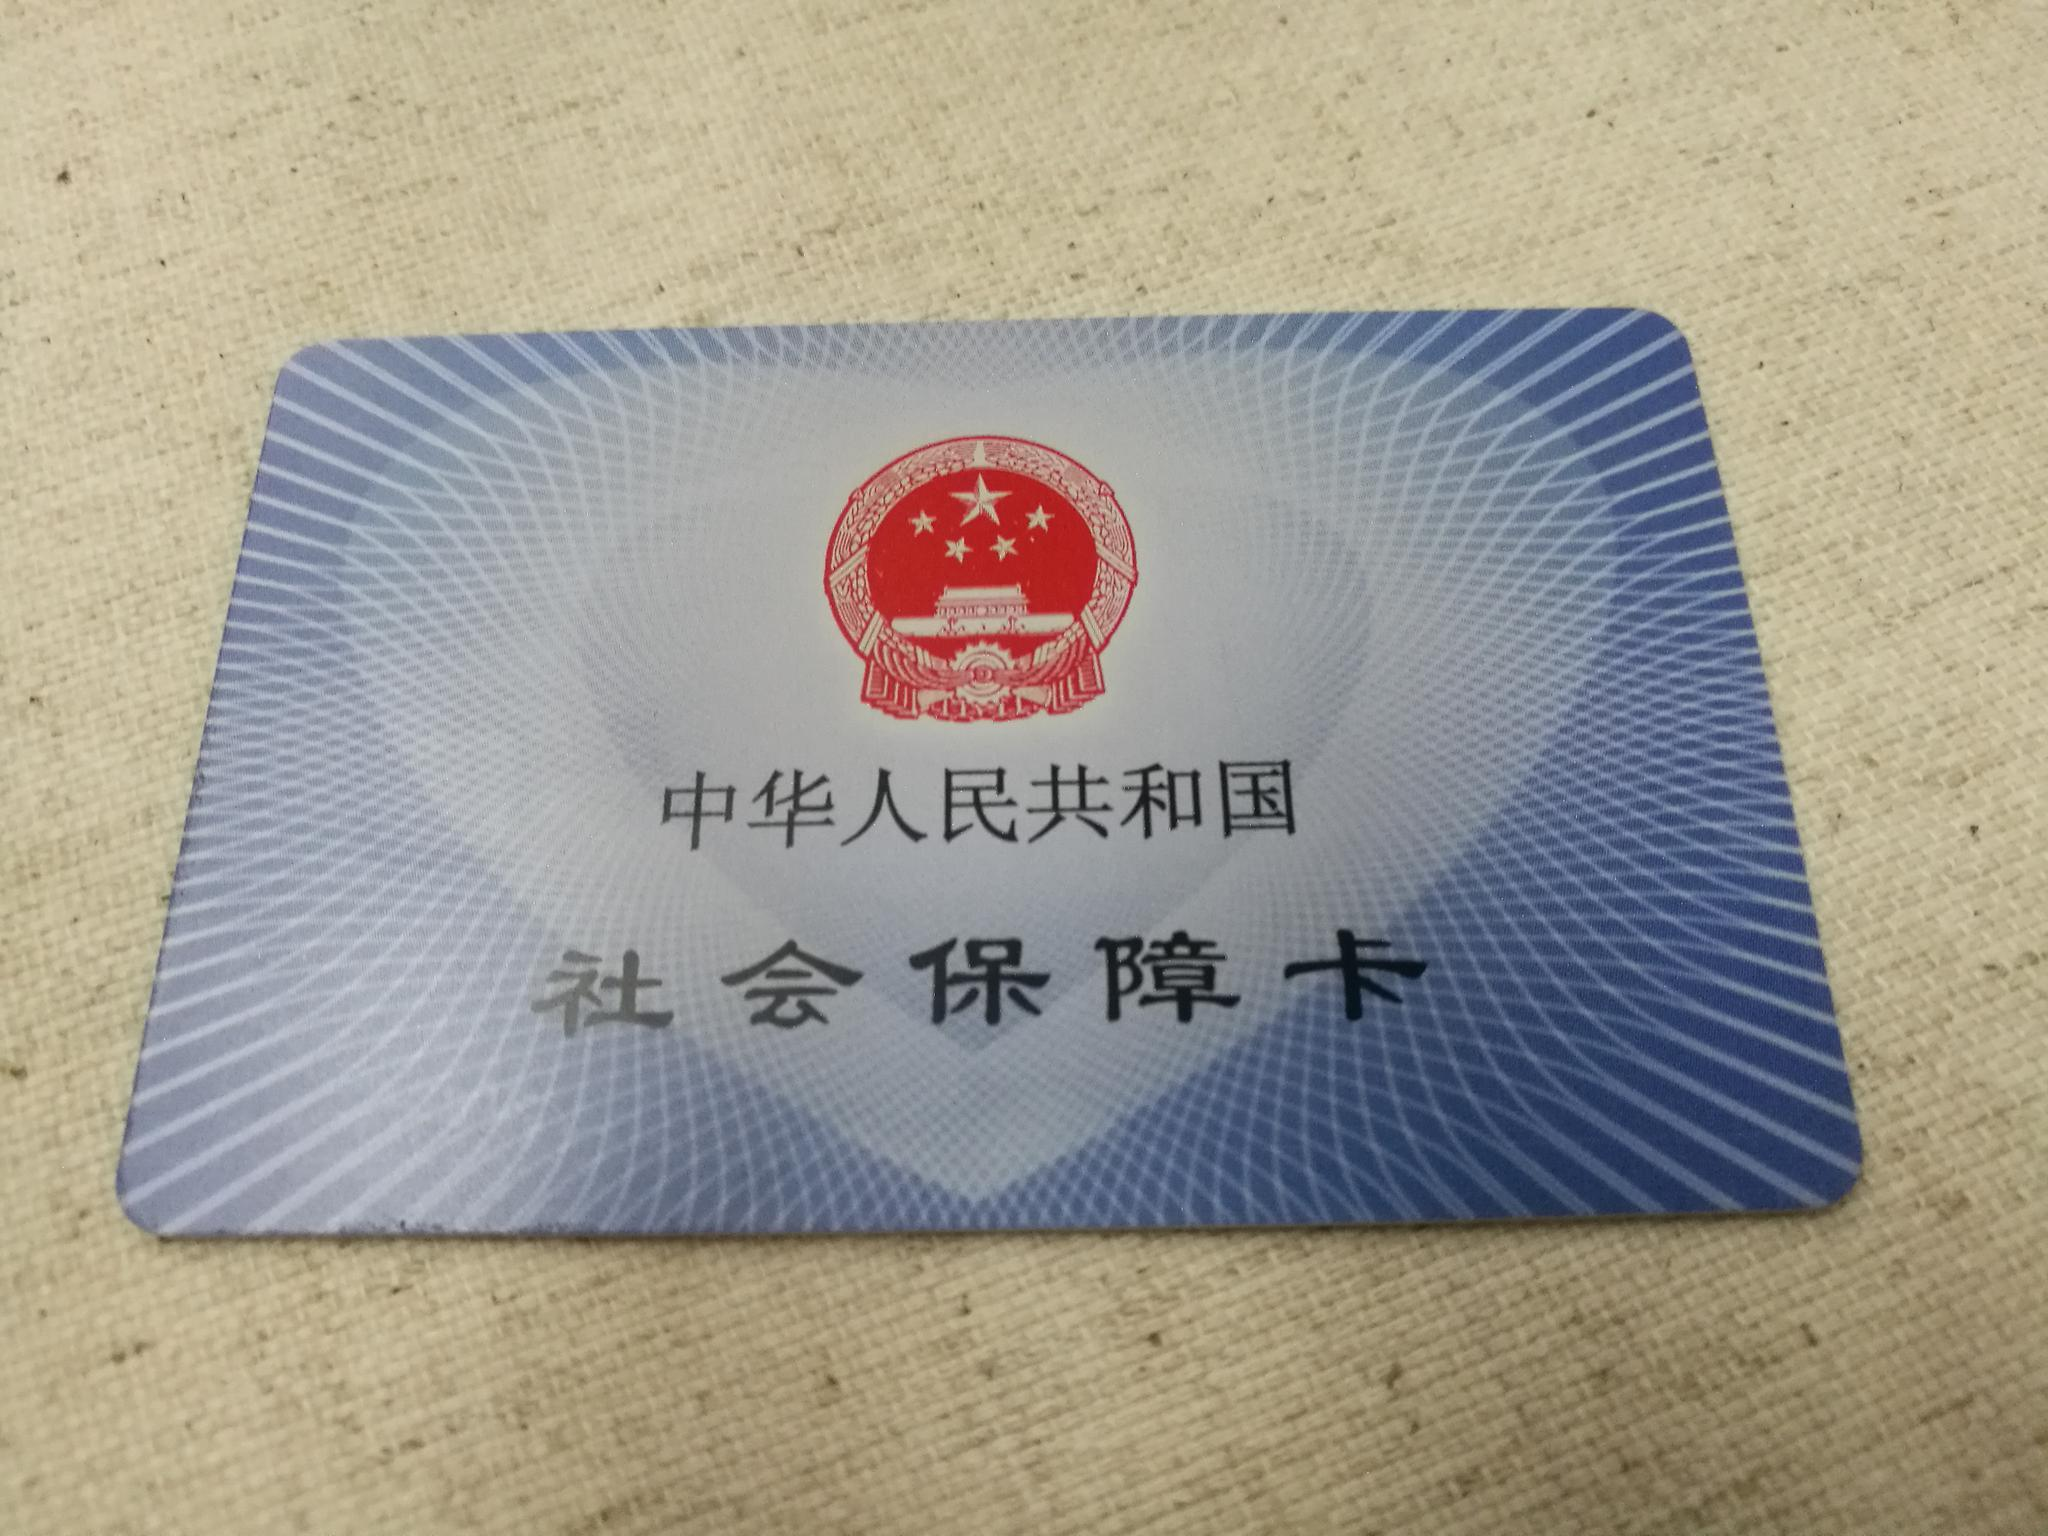 明年1月1日起 四川全面停用省医保卡启用社保卡